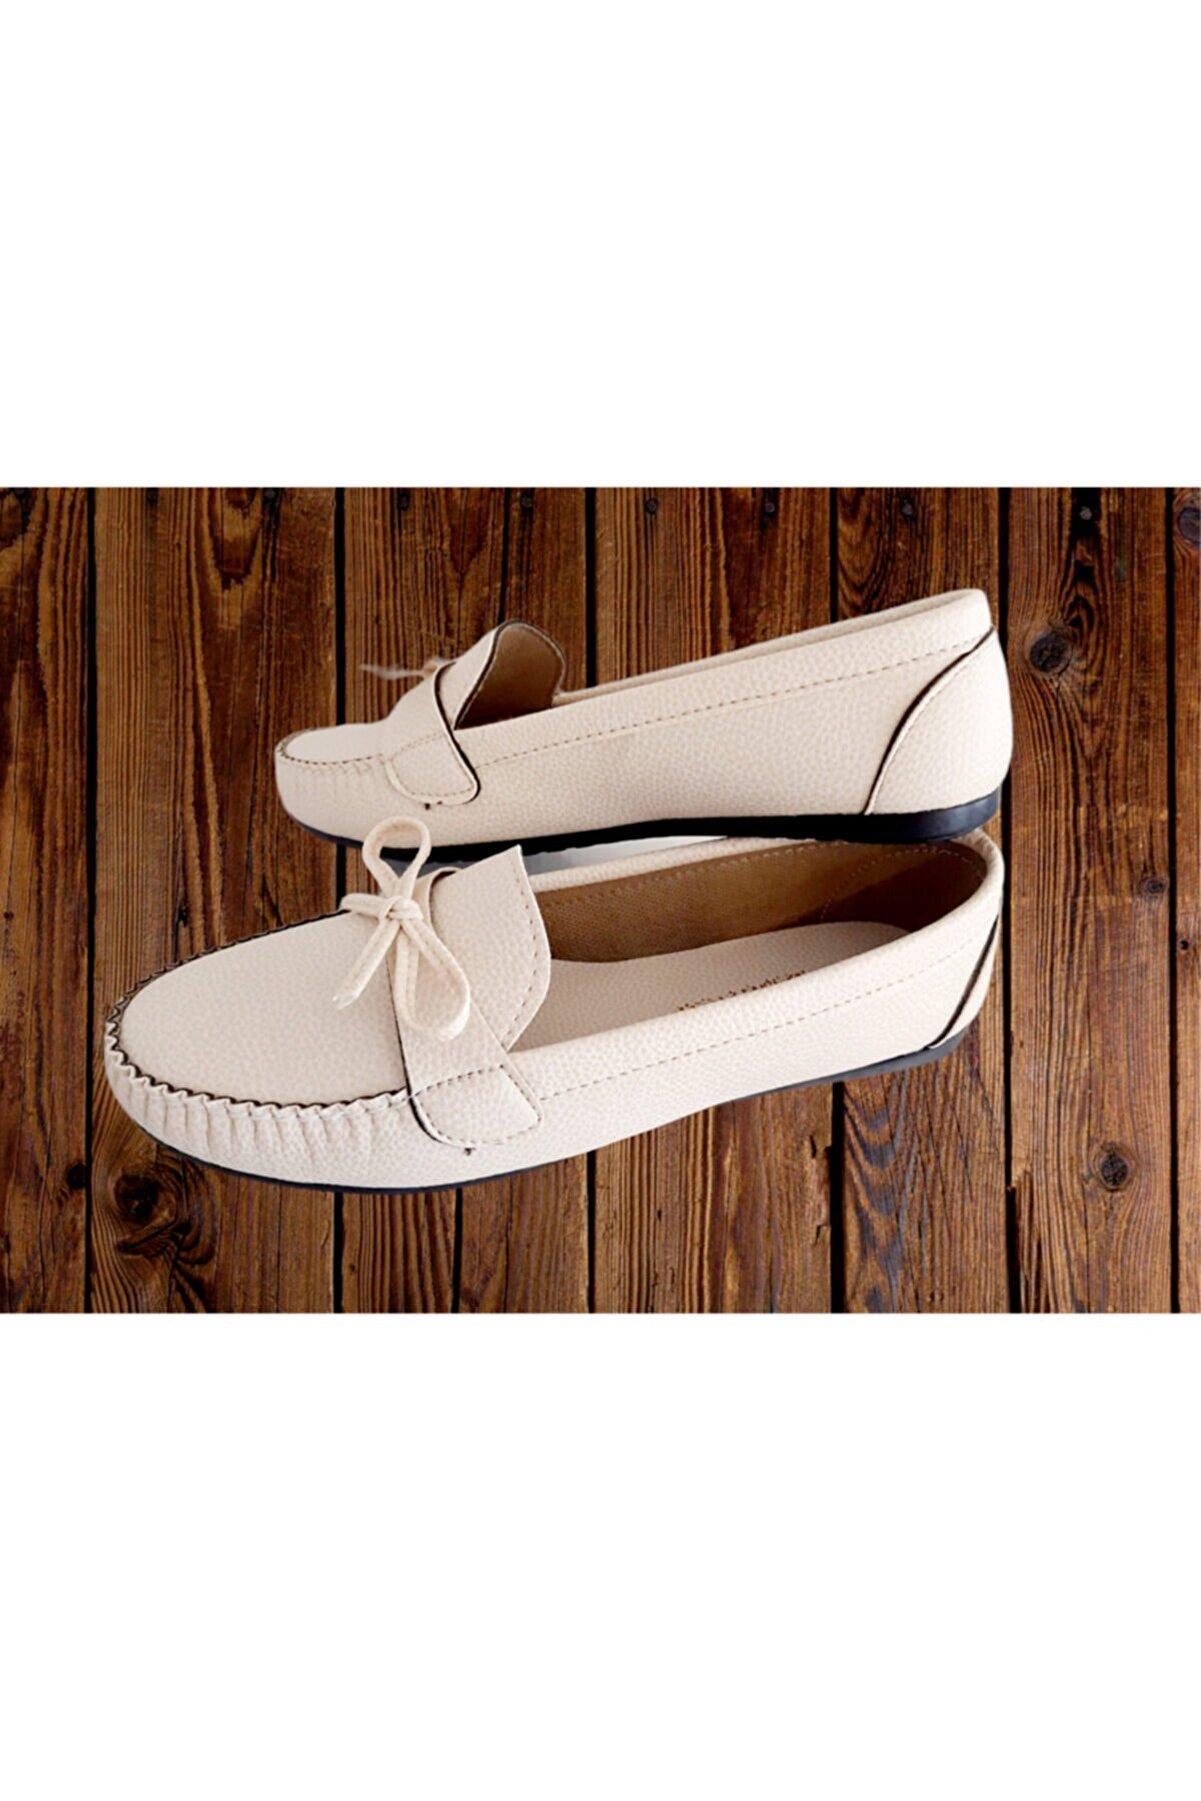 ASKA SHOES Kadın Bej Fiyonklu Babet Ayakkabı